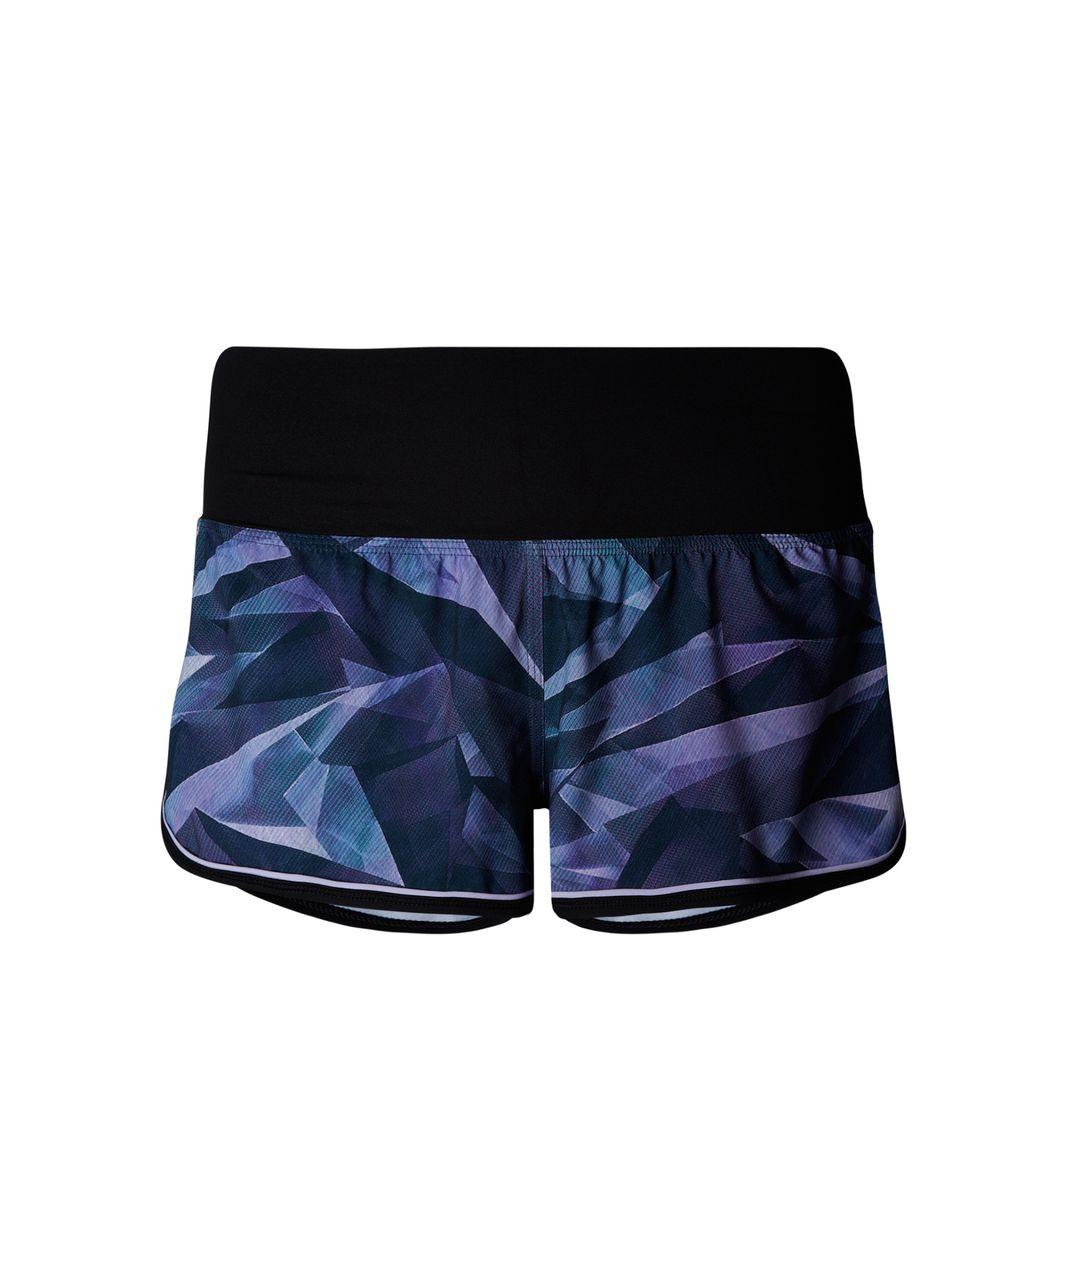 Lululemon Drop It Low Short - Pretty Prism Multi / Black / Lilac